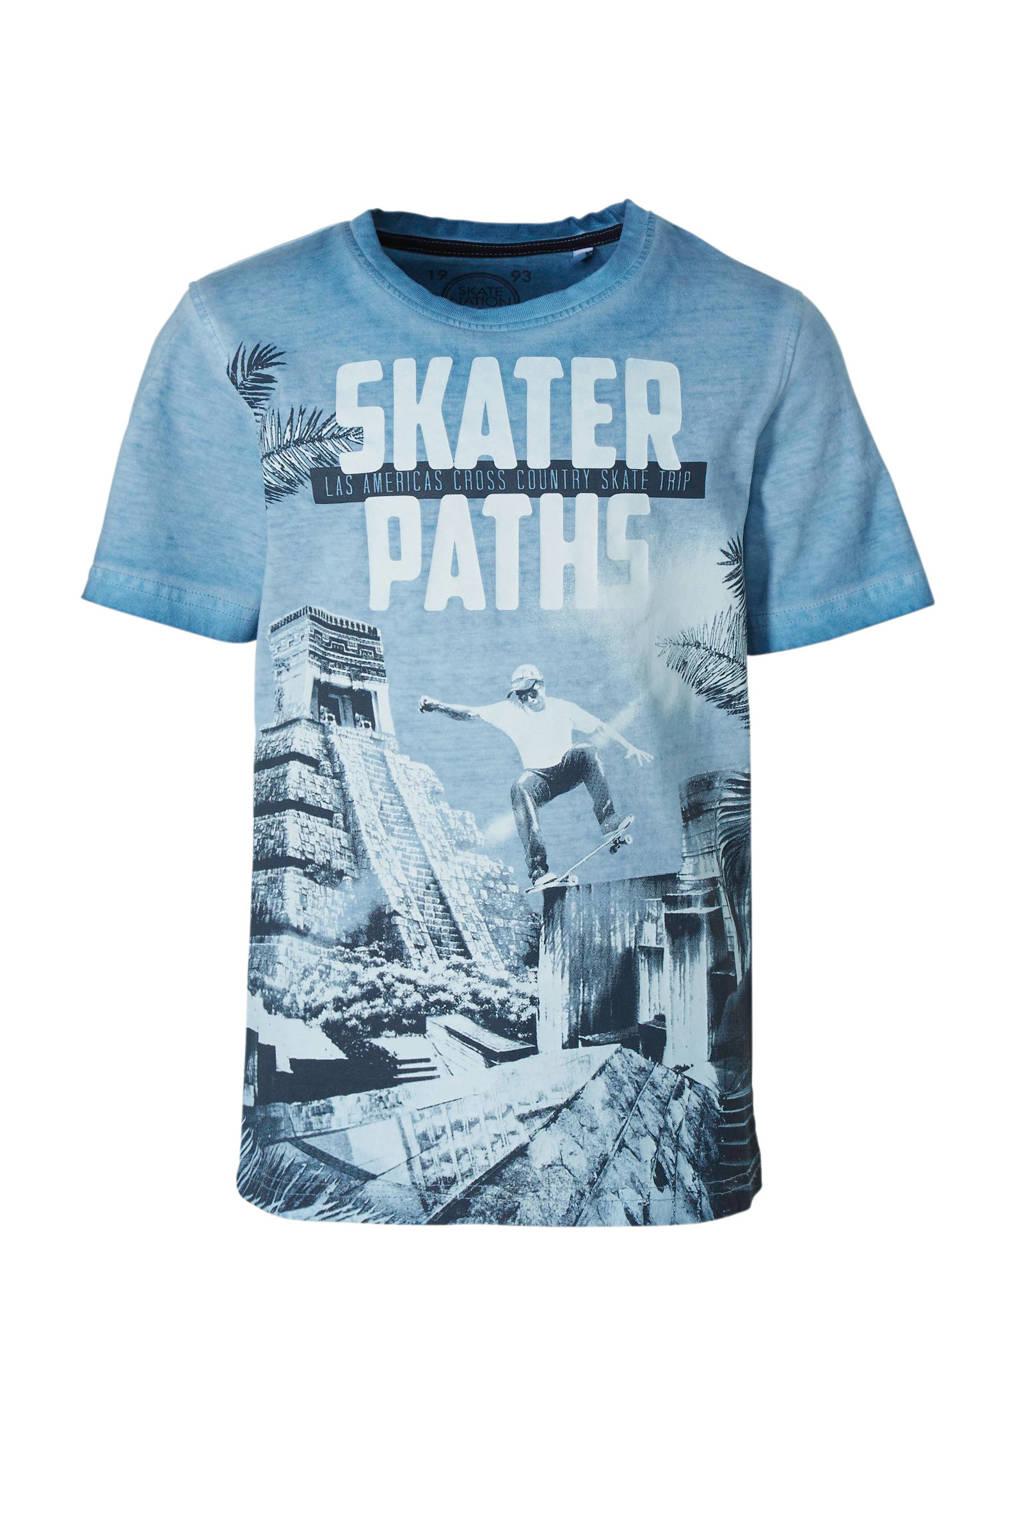 C&A Here & There T-shirt met printopdruk blauw, Blauw/zwart